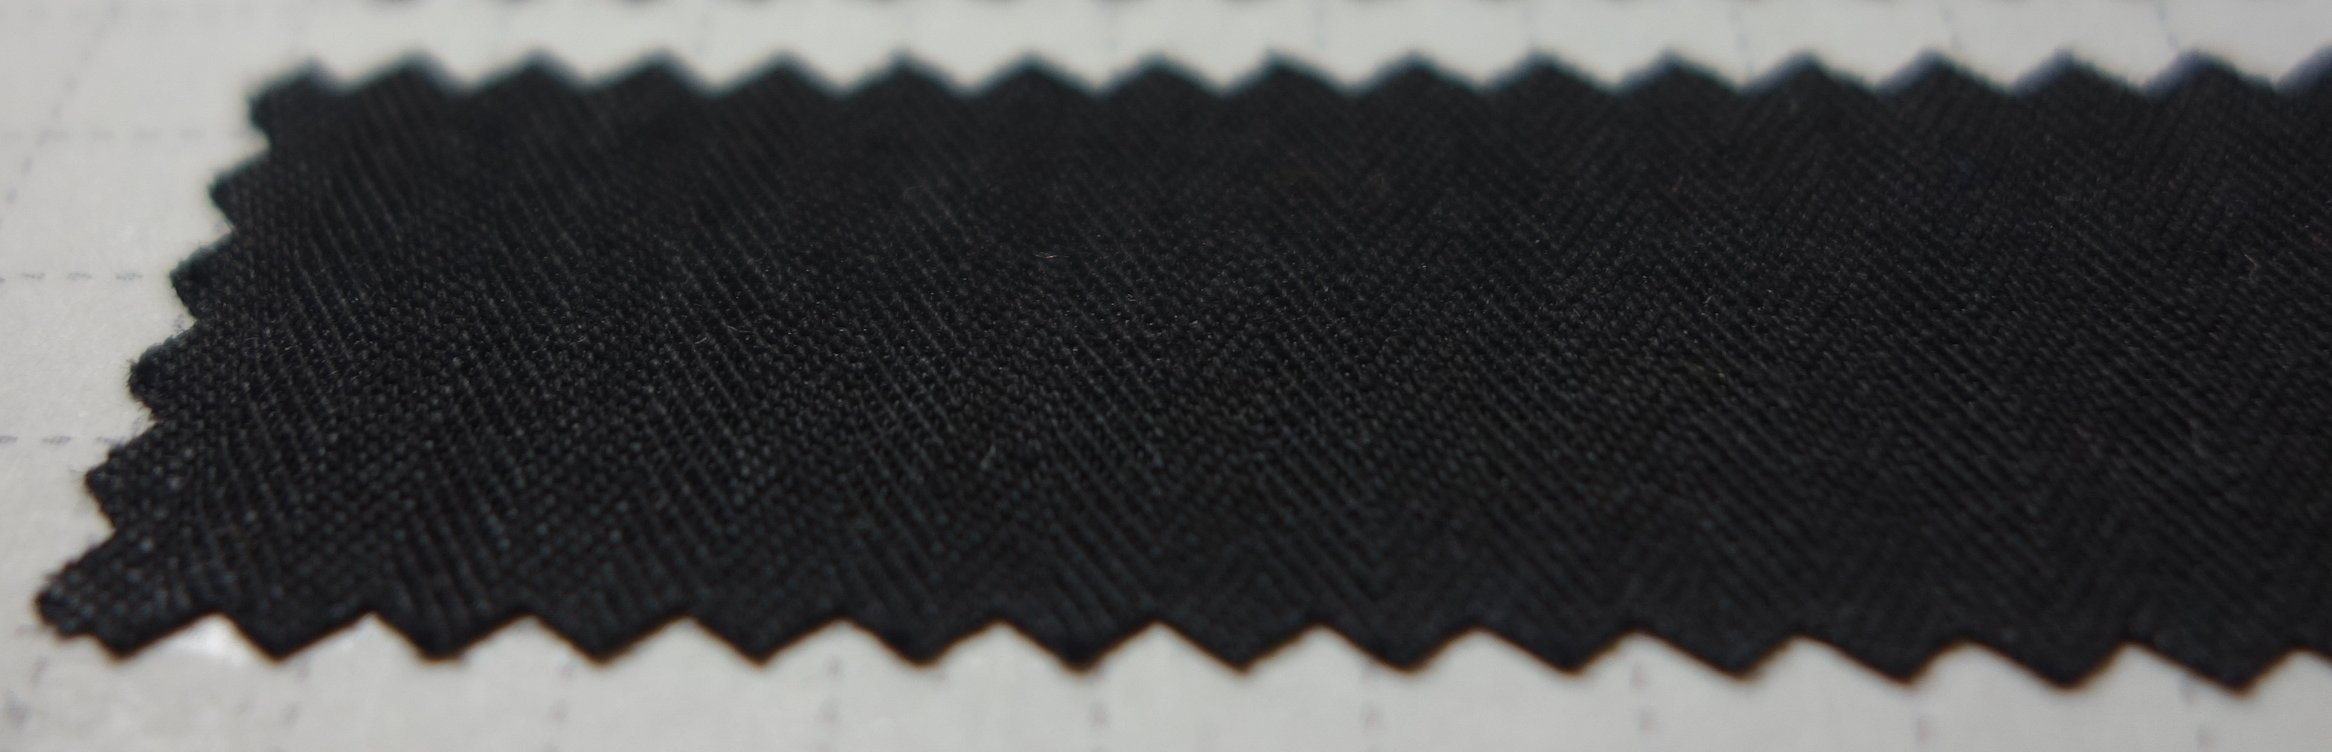 5月の製作 / herringbone easy jodhpurs_e0130546_16080027.jpg